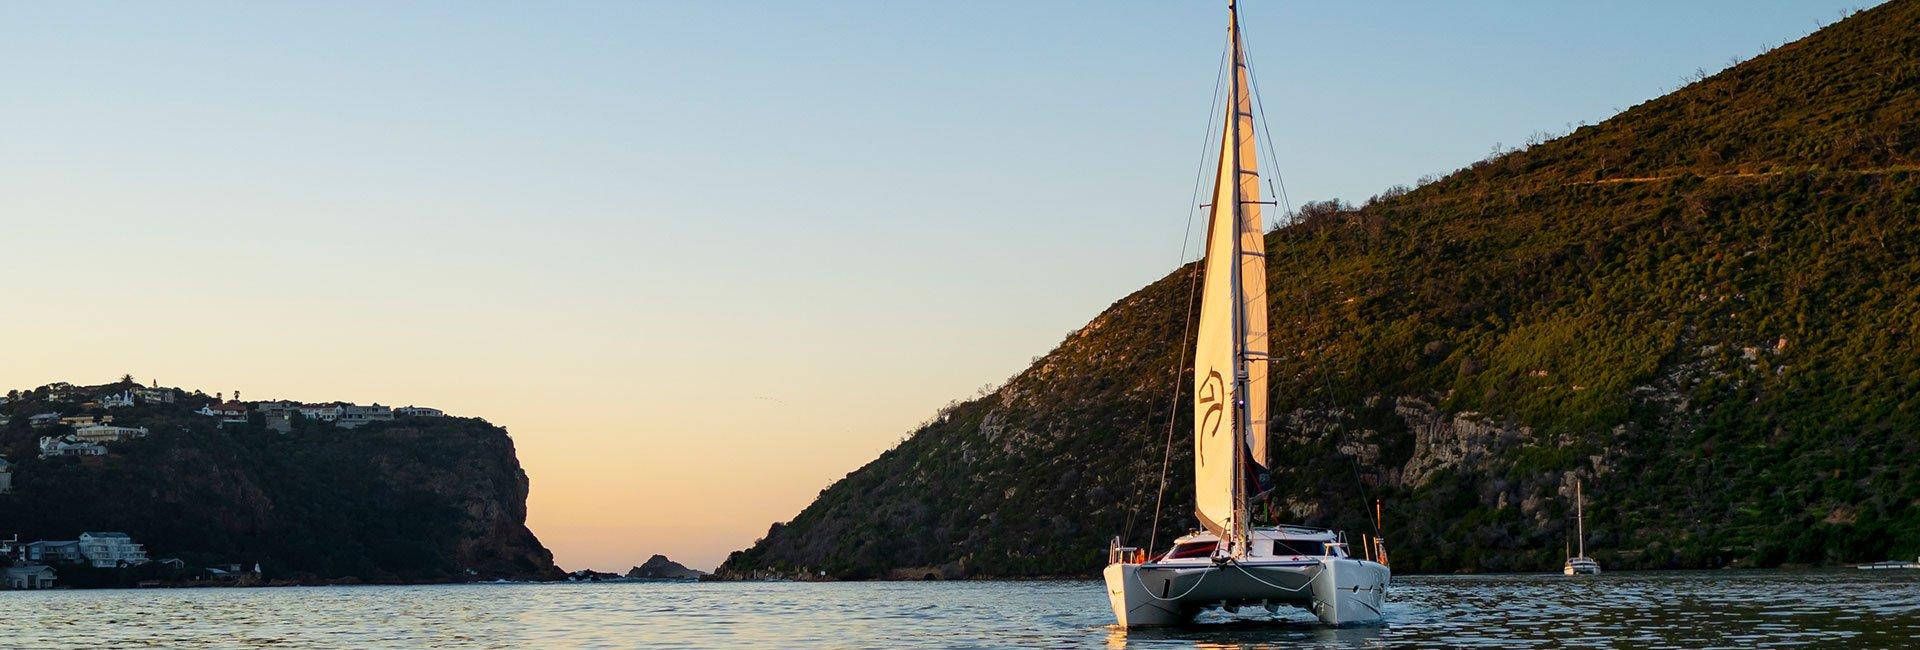 catamaran on lagoon